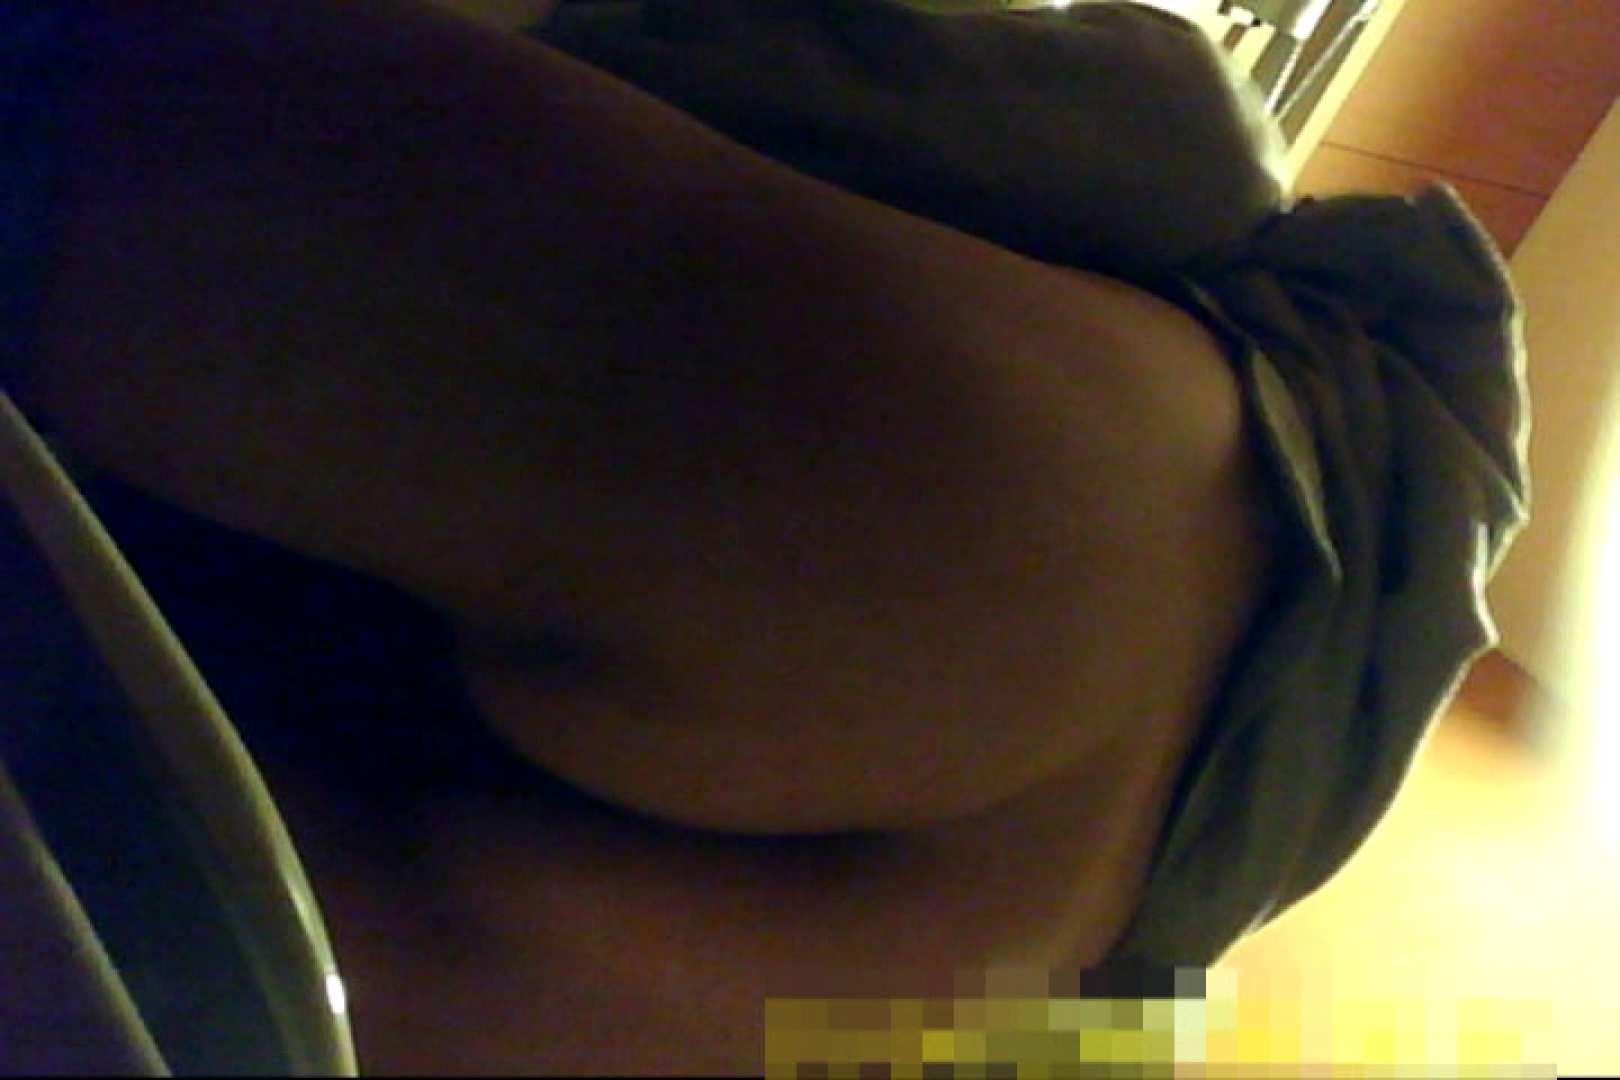 魅惑の化粧室~禁断のプライベート空間~29 プライベート   盗撮  92PIX 49